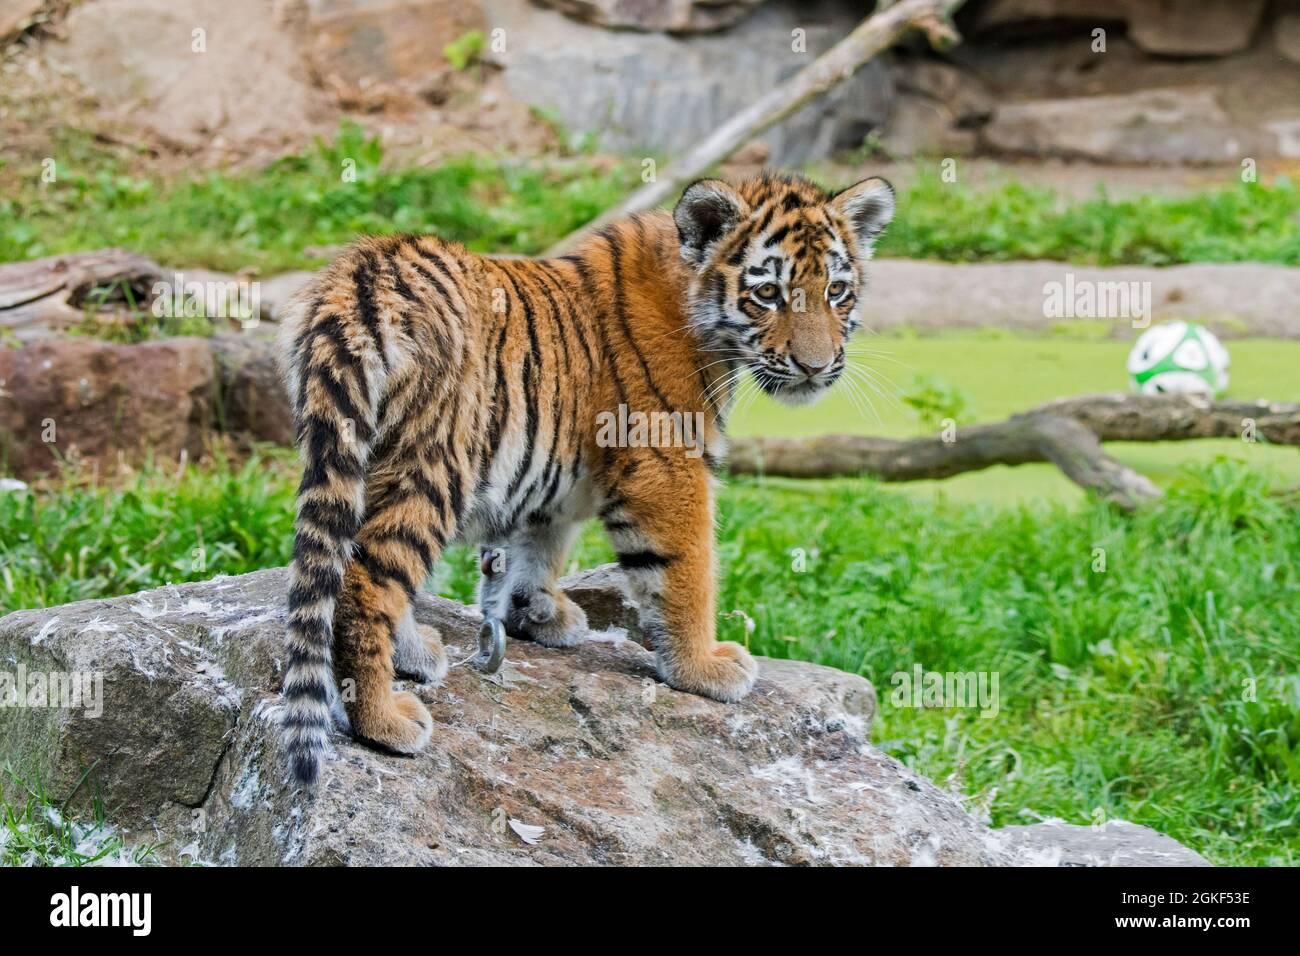 Tigre siberiano (Panthera tigris altaica) cub en el zoológico de Duisburg, jardín zoológico en Renania del Norte-Westfalia, Alemania Foto de stock